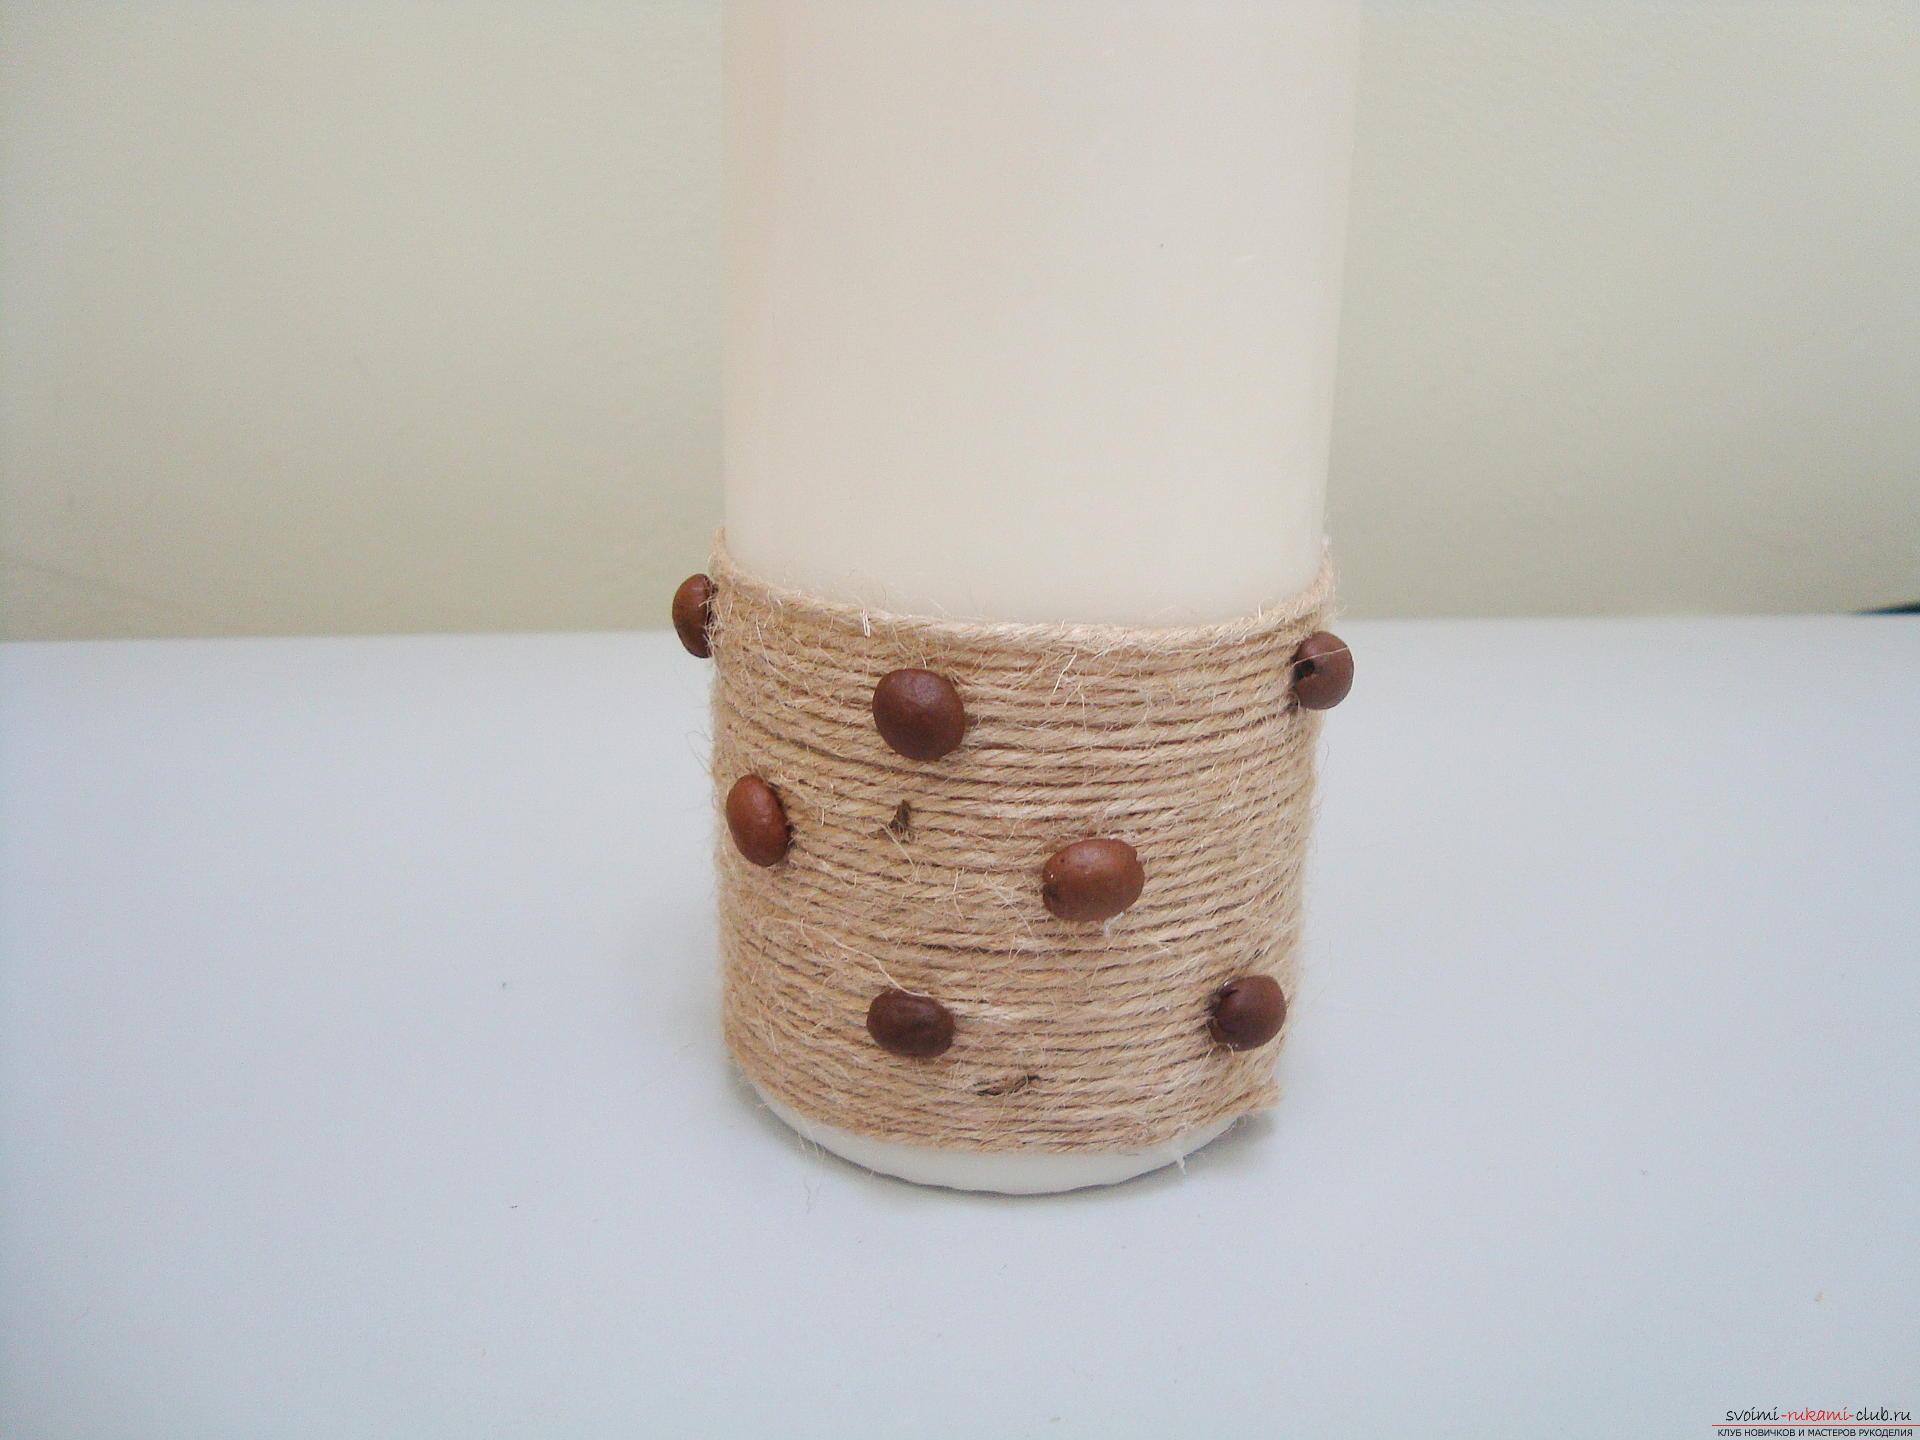 Foto's om de stap-voor-stap handleiding over het maken van een decoratieve kaars gemaakt van koffiebonen. Foto №7